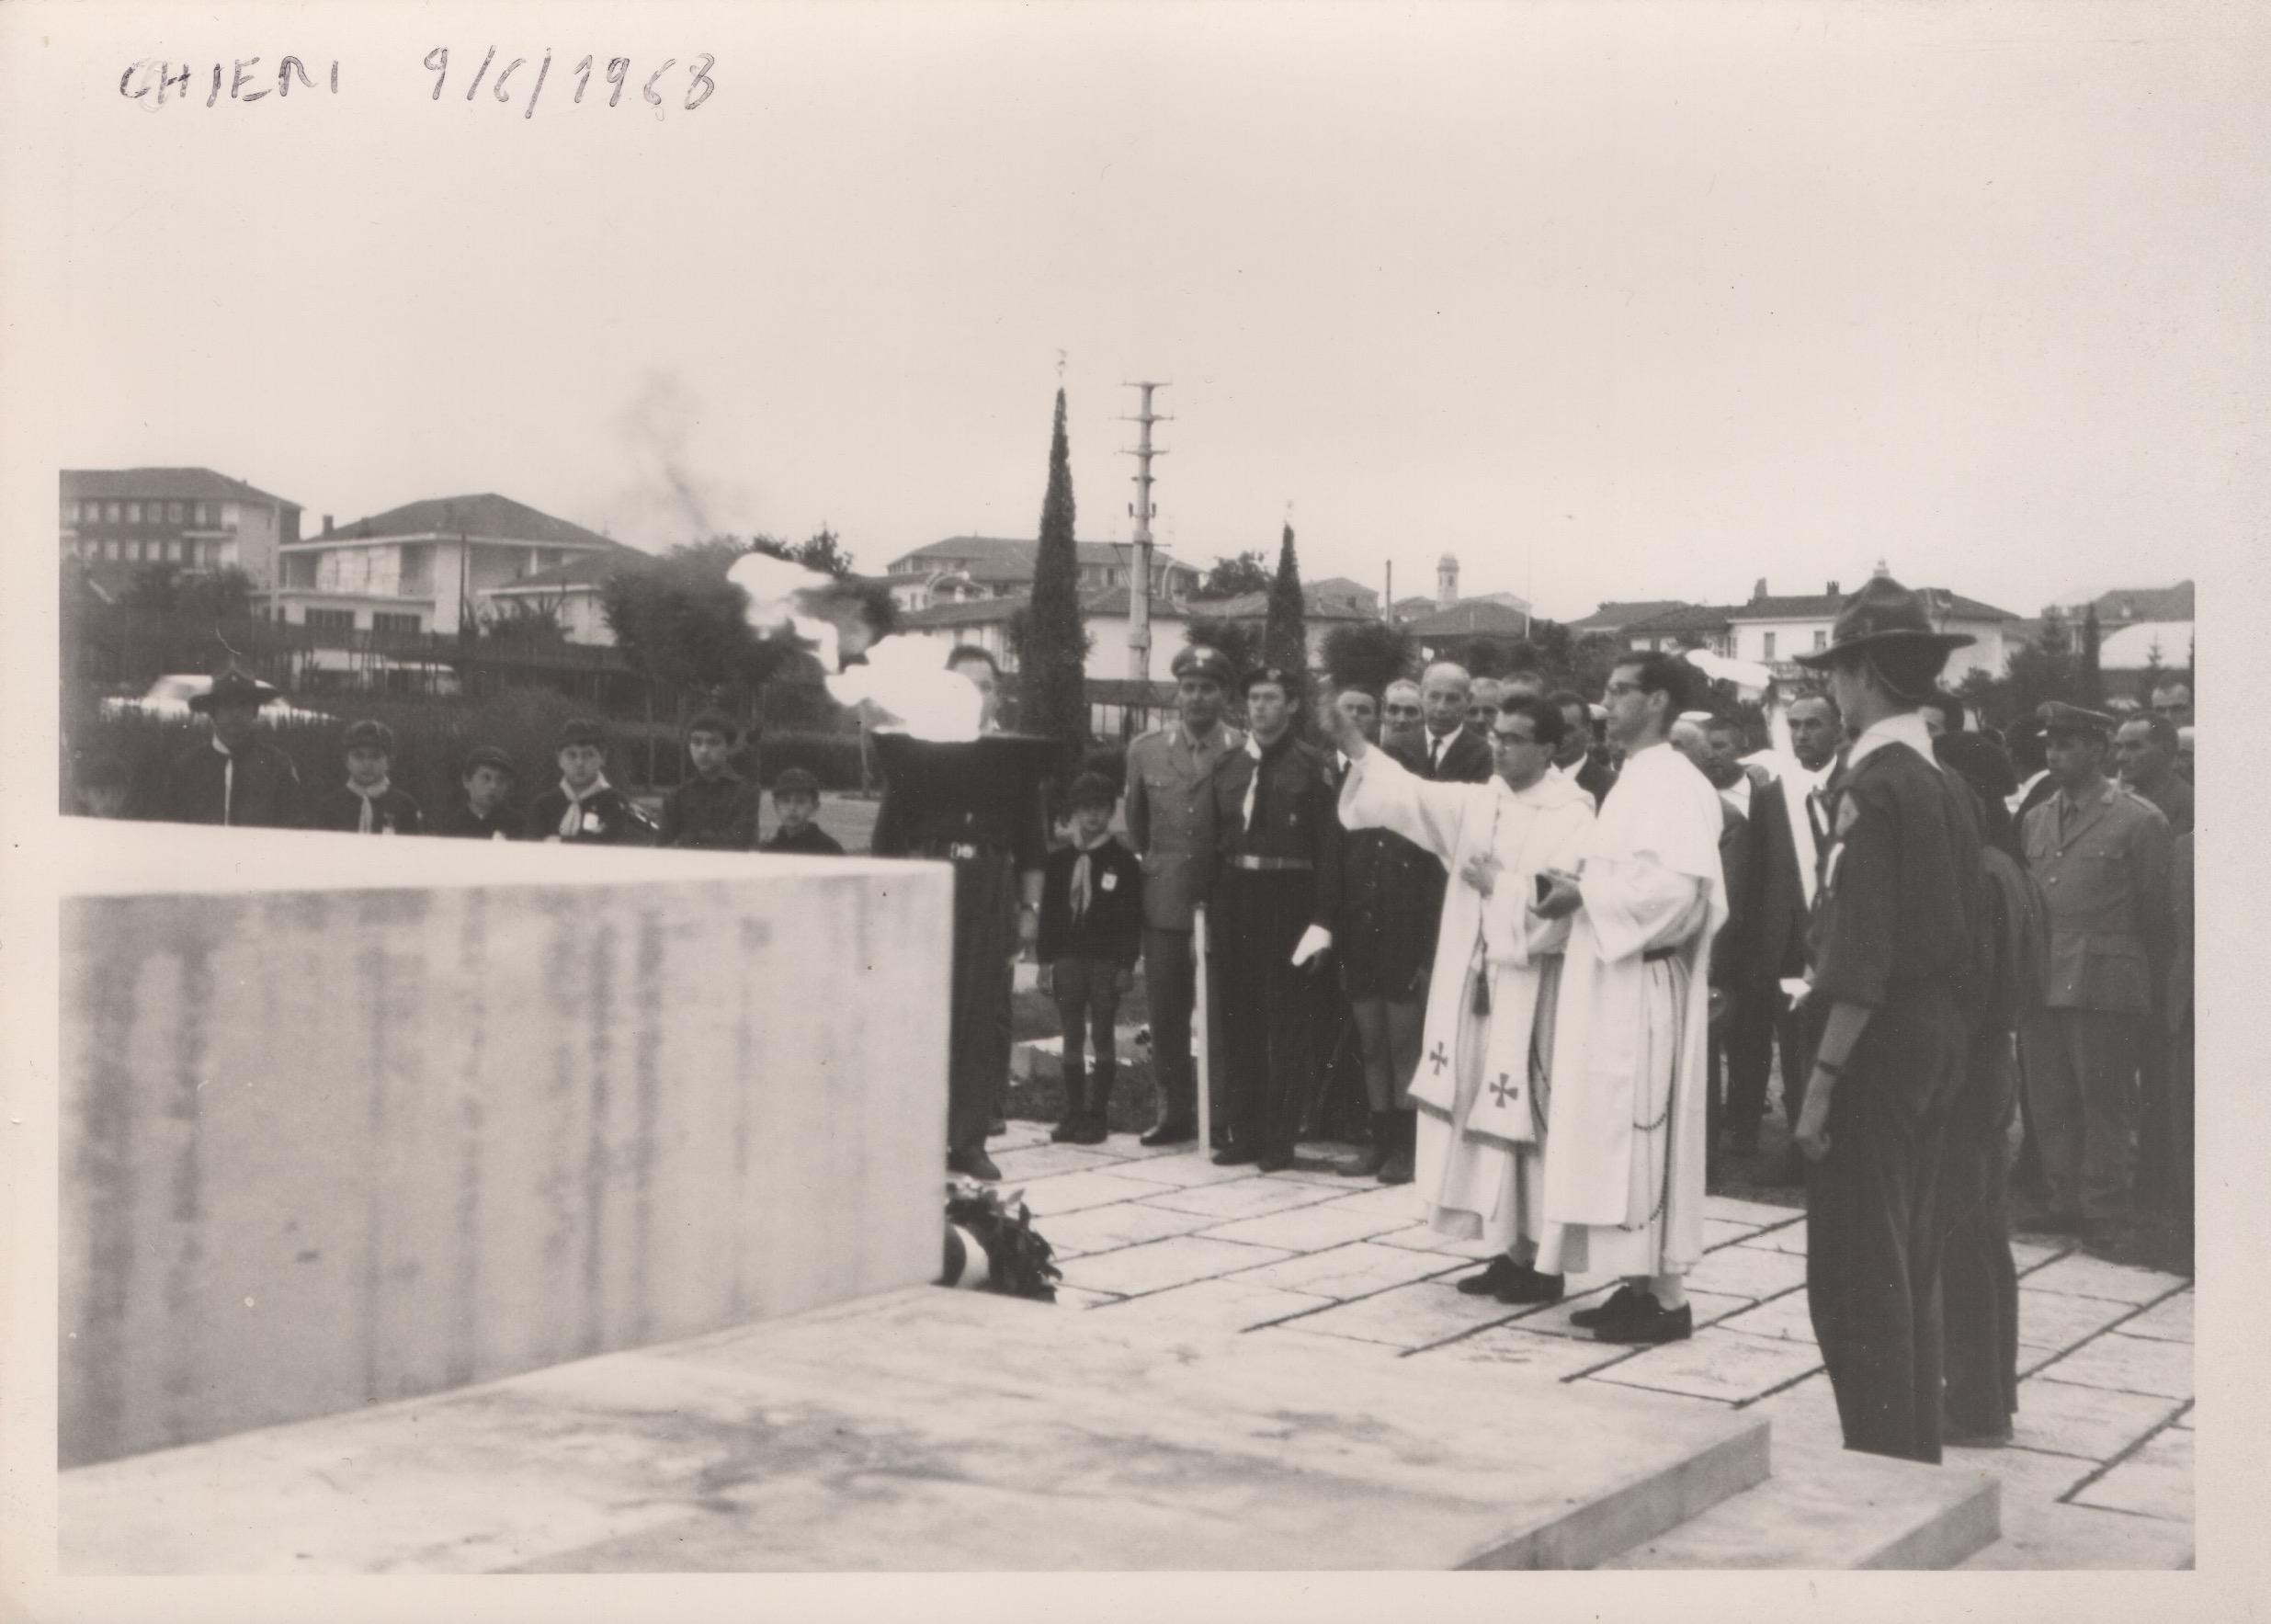 inaugurazione-altare-9-giugno-19680E31FD49-BD5D-79FB-354E-45EE4BC66B79.jpeg